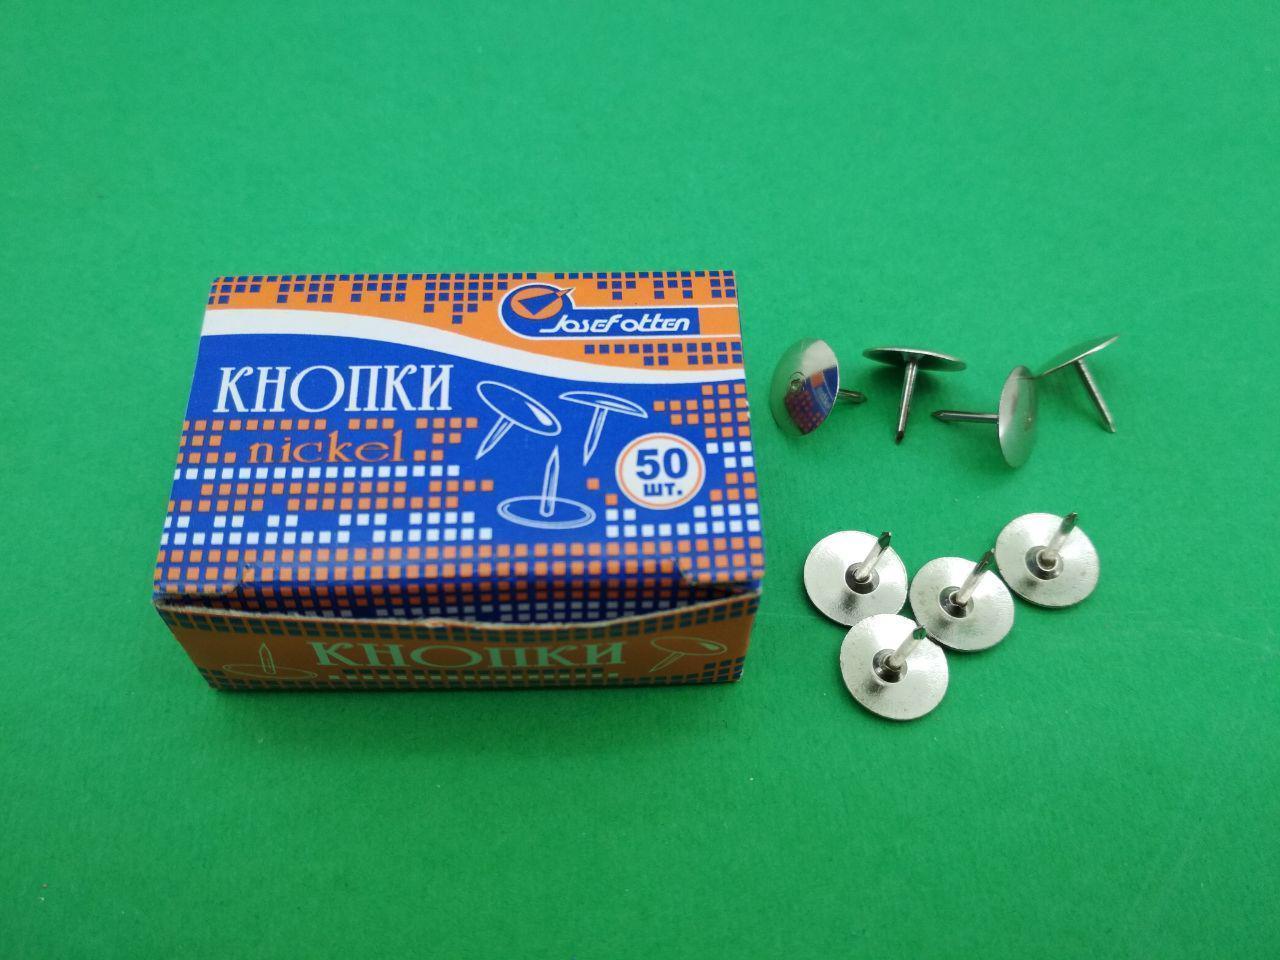 Кнопки канцелярские(гвоздик) в картонной упаковке 50шт (№11987) (1 пач)